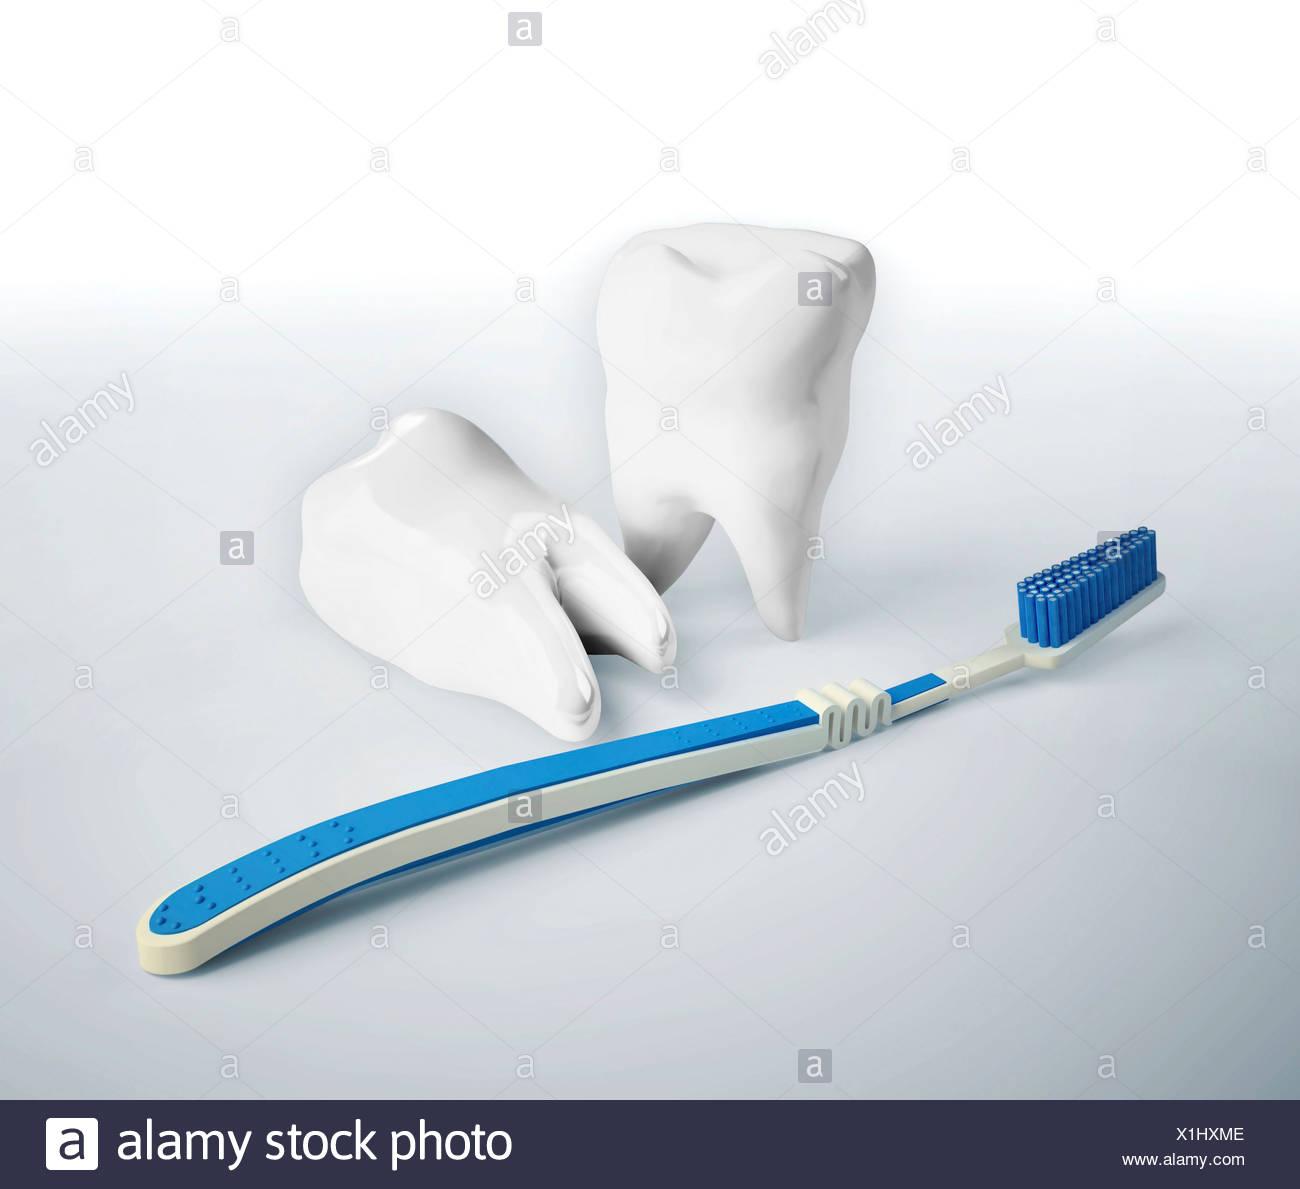 Soins dentaires, conceptual artwork Banque D Images, Photo Stock ... e2e664033fff